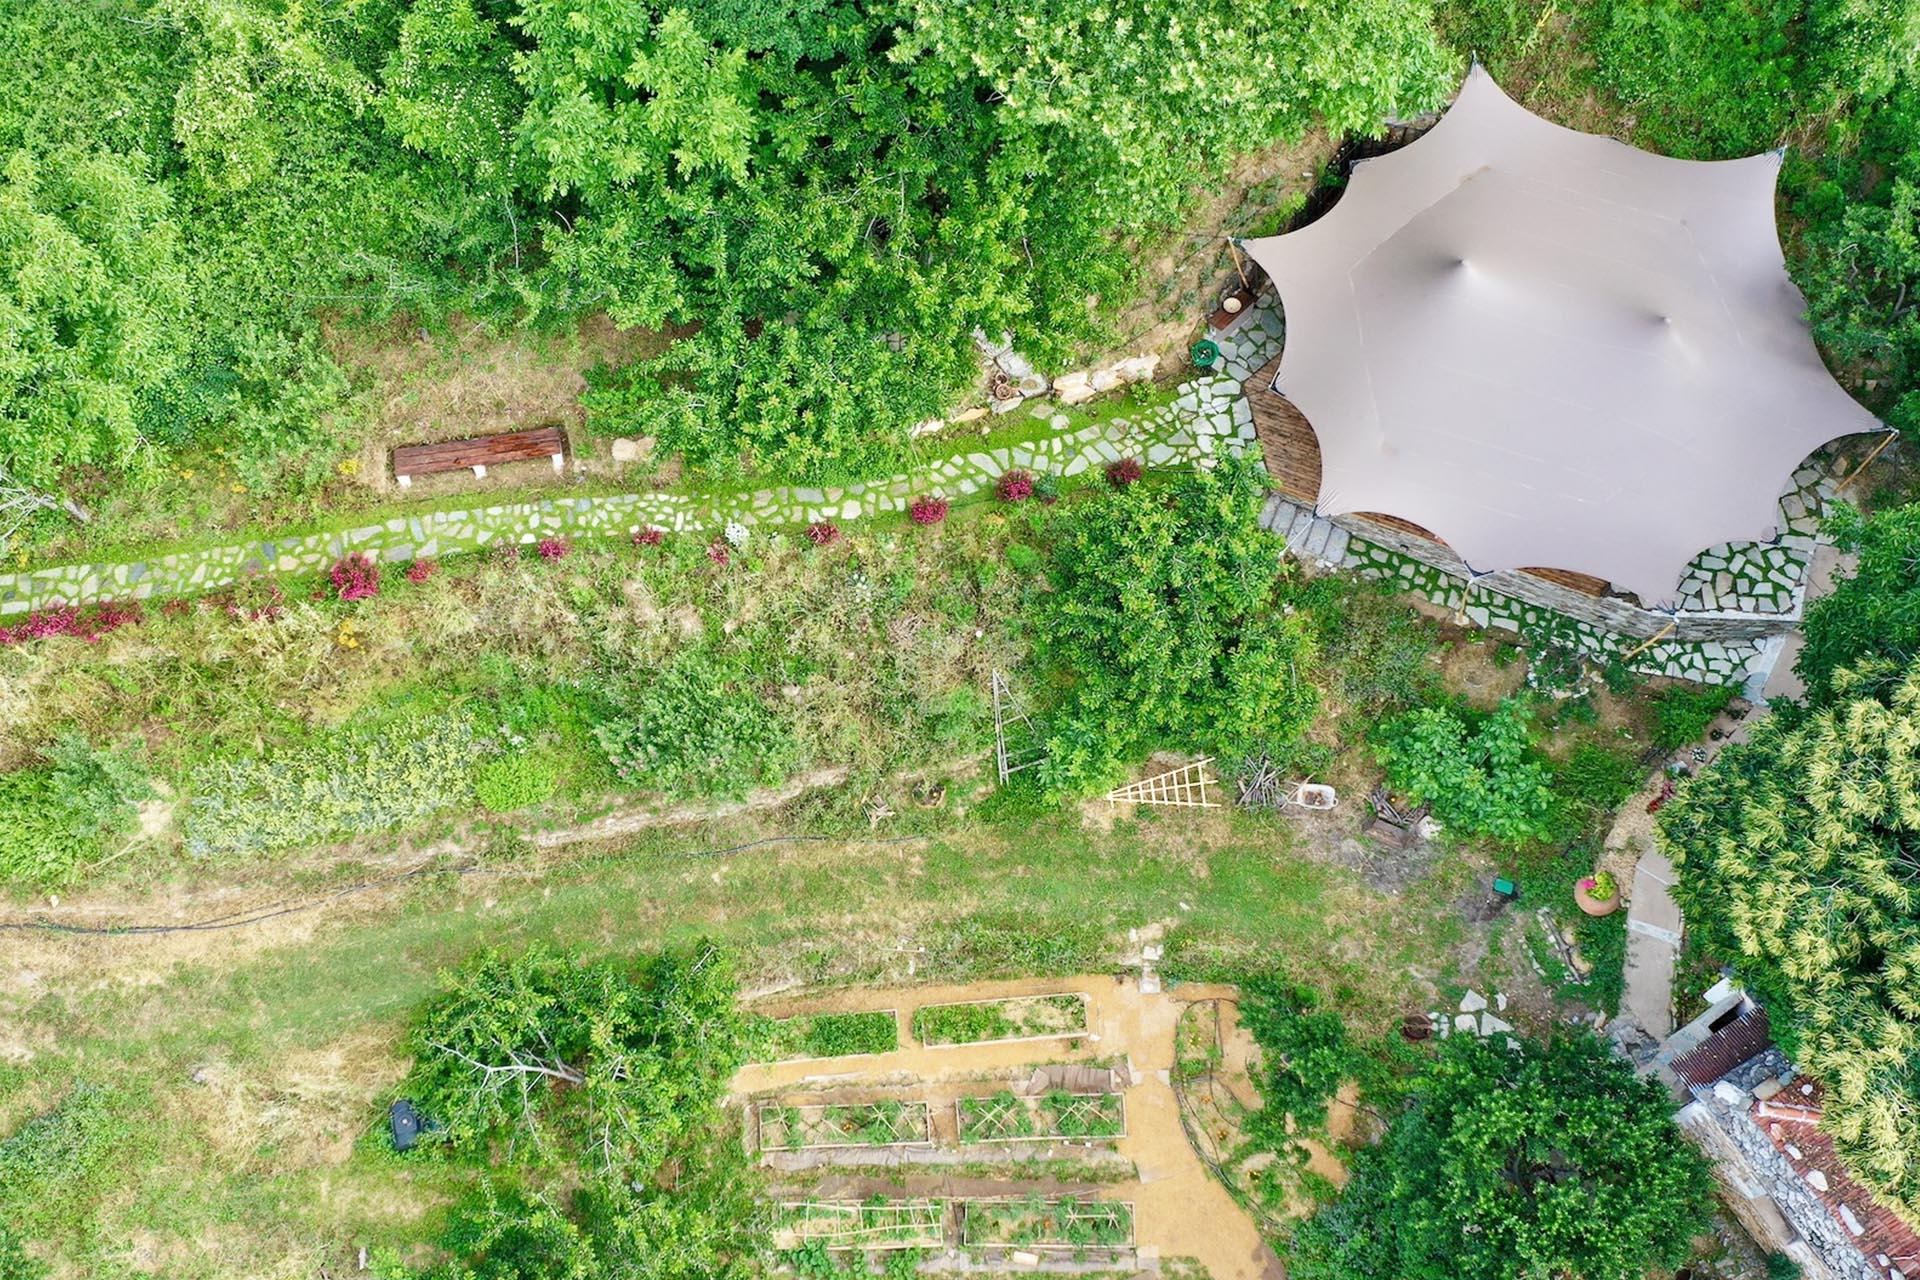 Pelion Retreat Centre drone shot